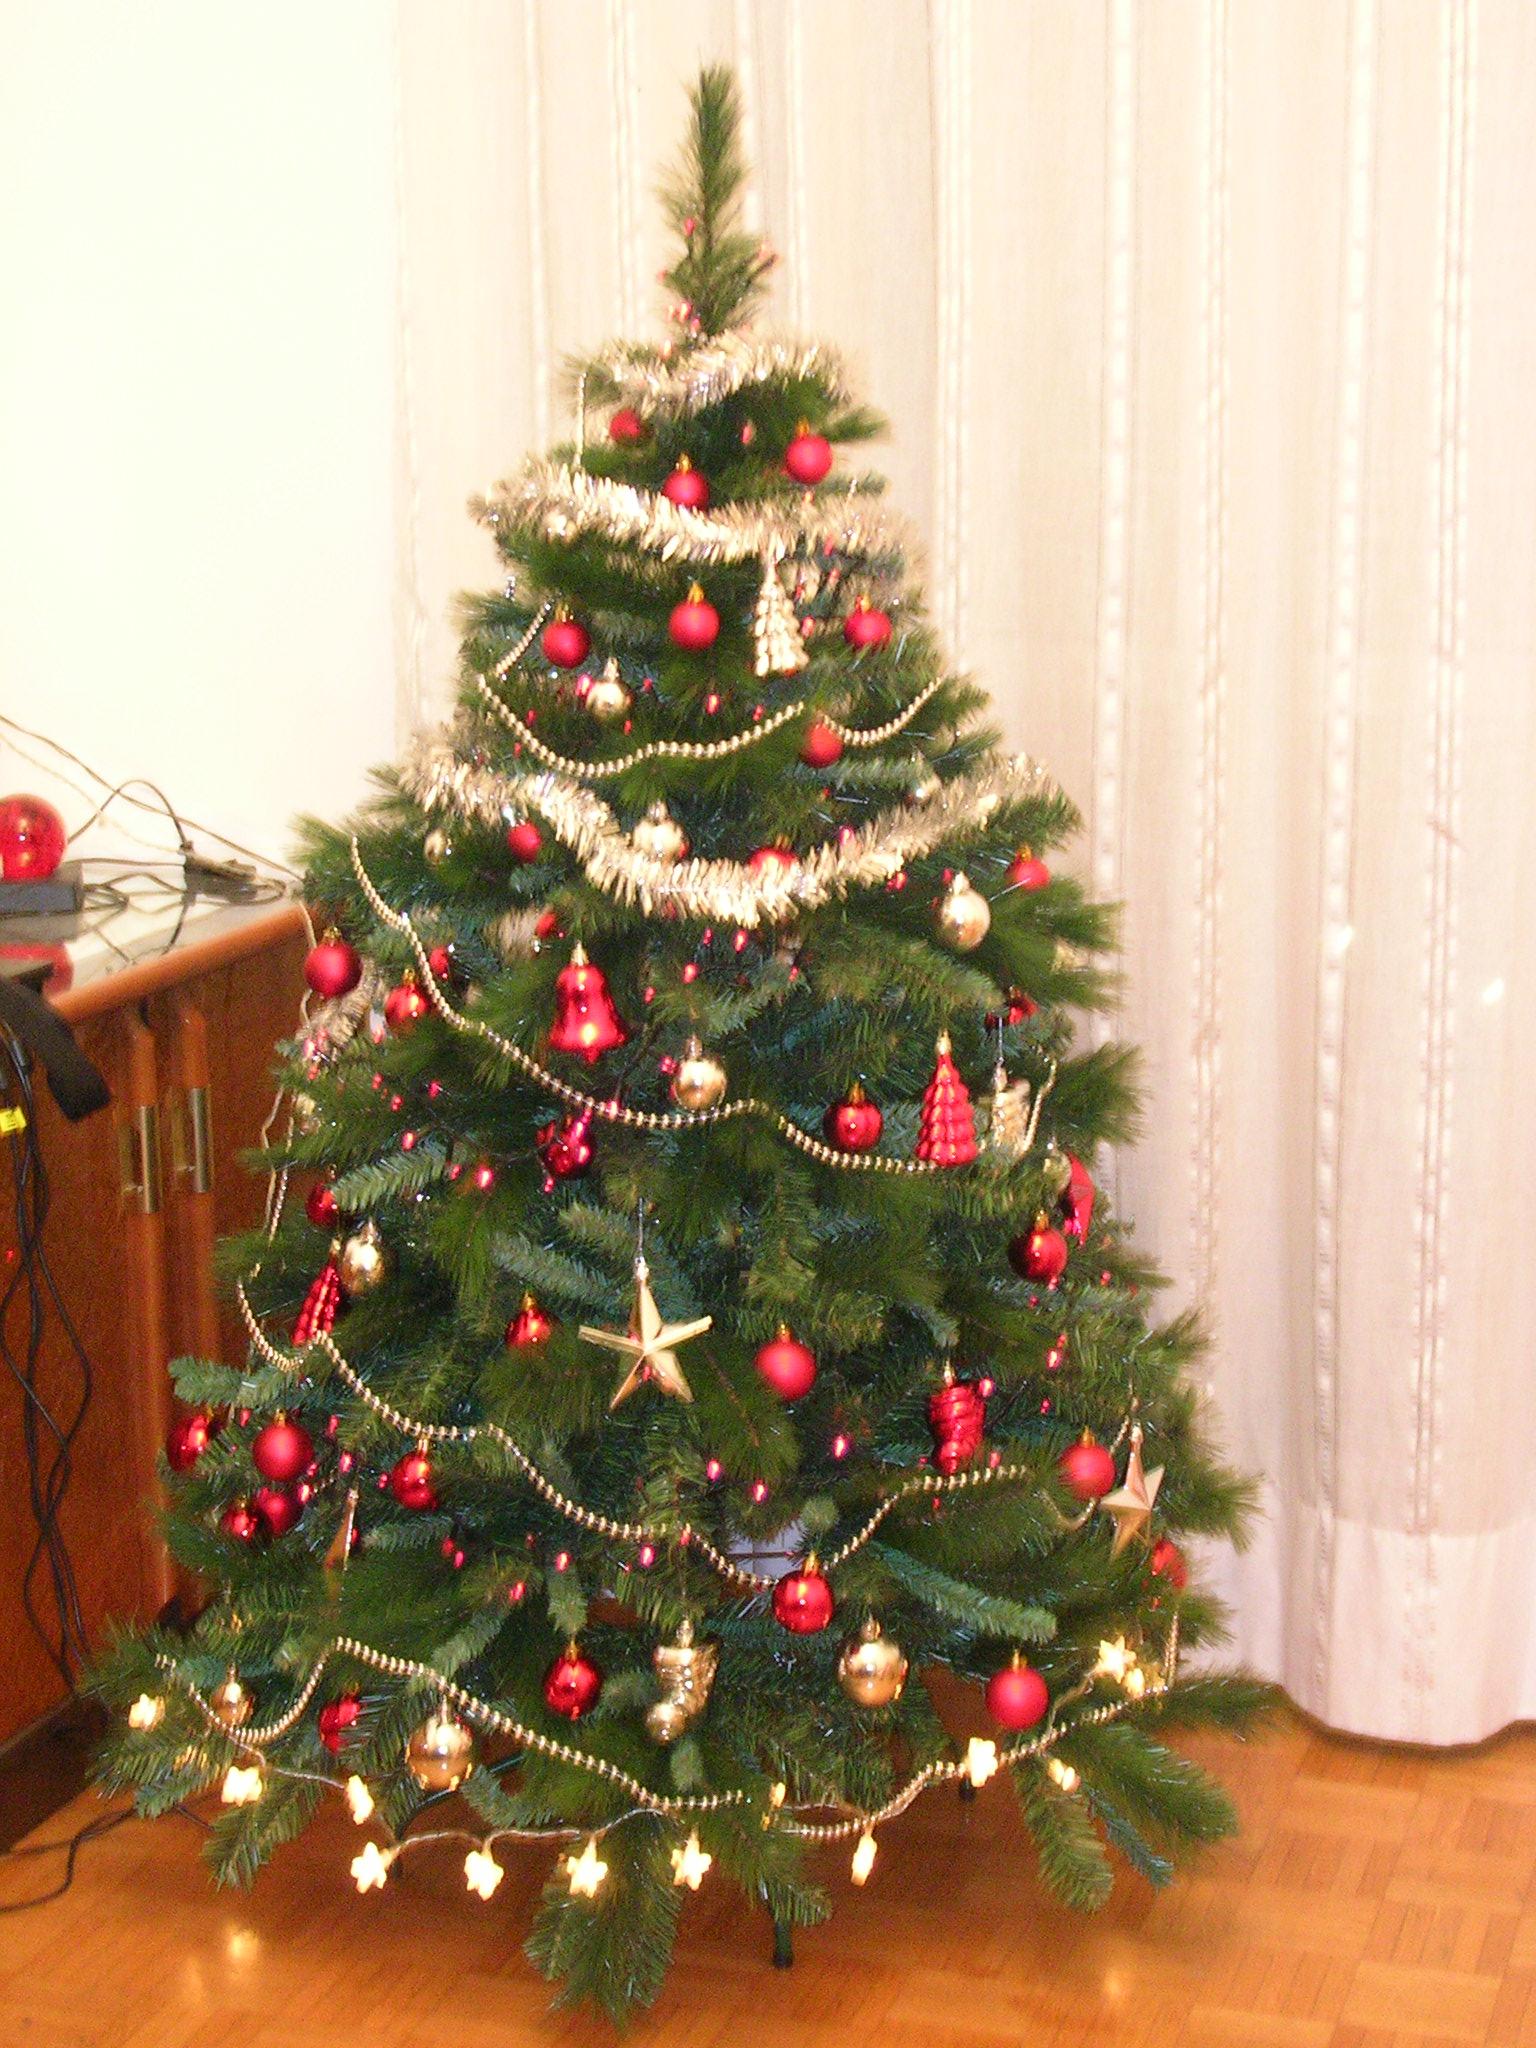 Foto Di Alberi Di Natale In Casa.Arrivano Le Feste Di Natale Addobbi La Casa Con L Albero O